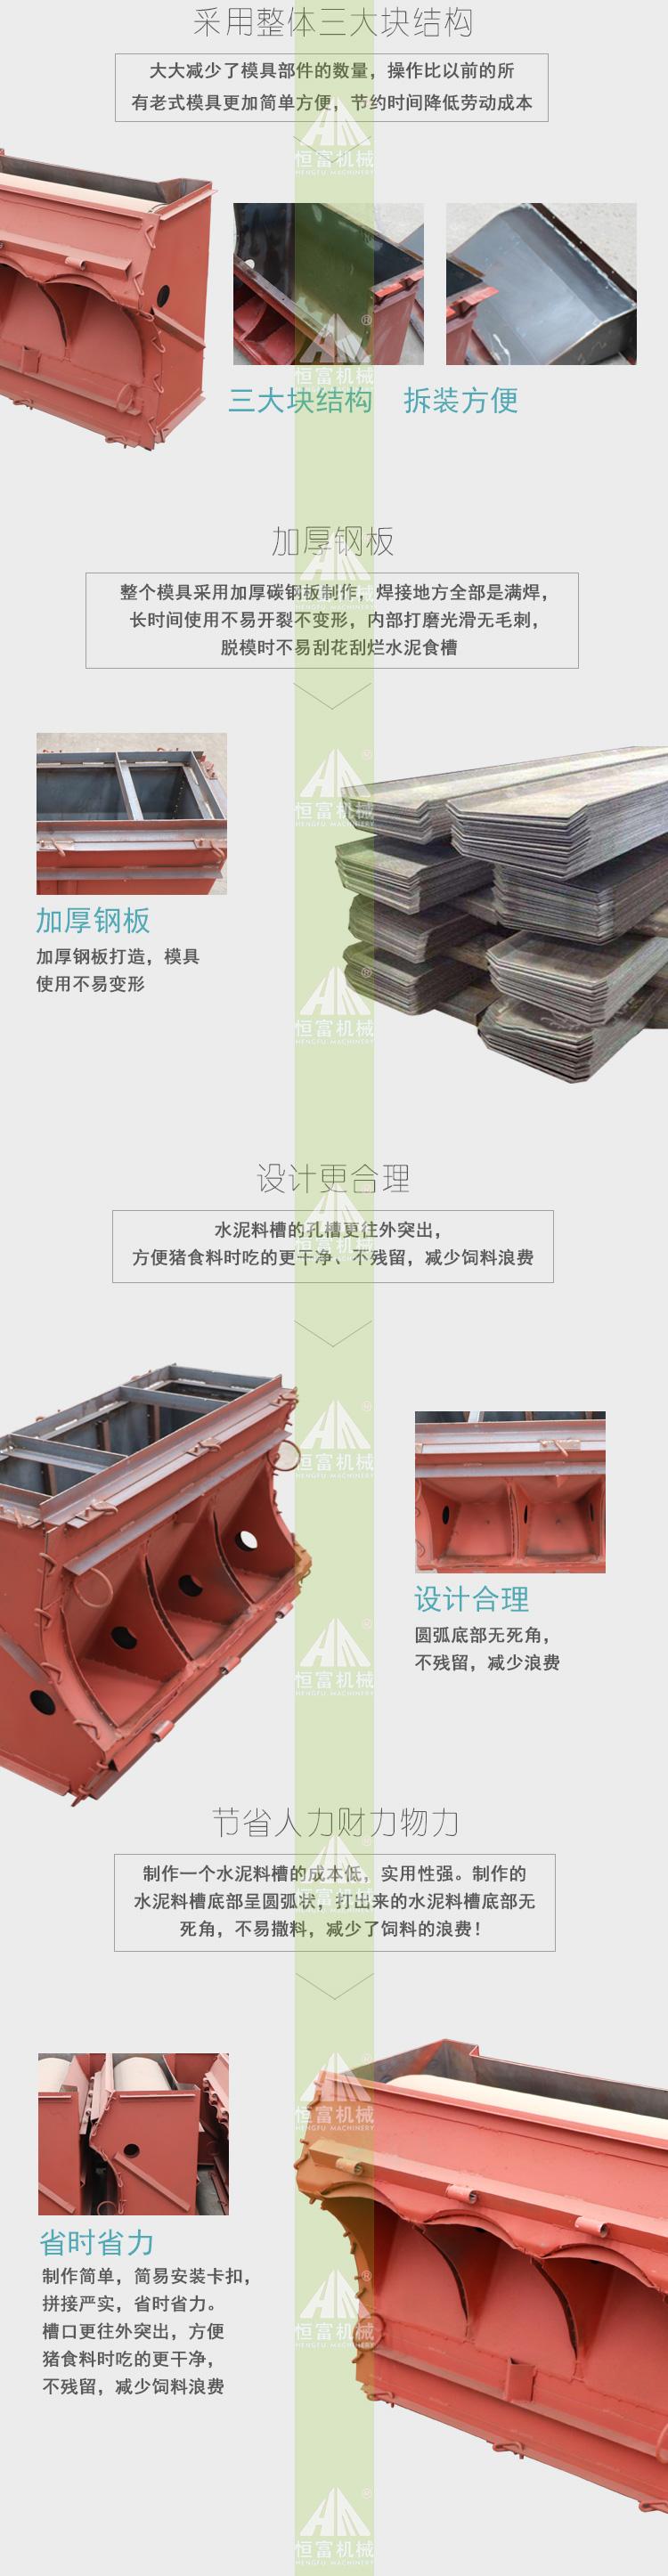 水泥料槽模具结构